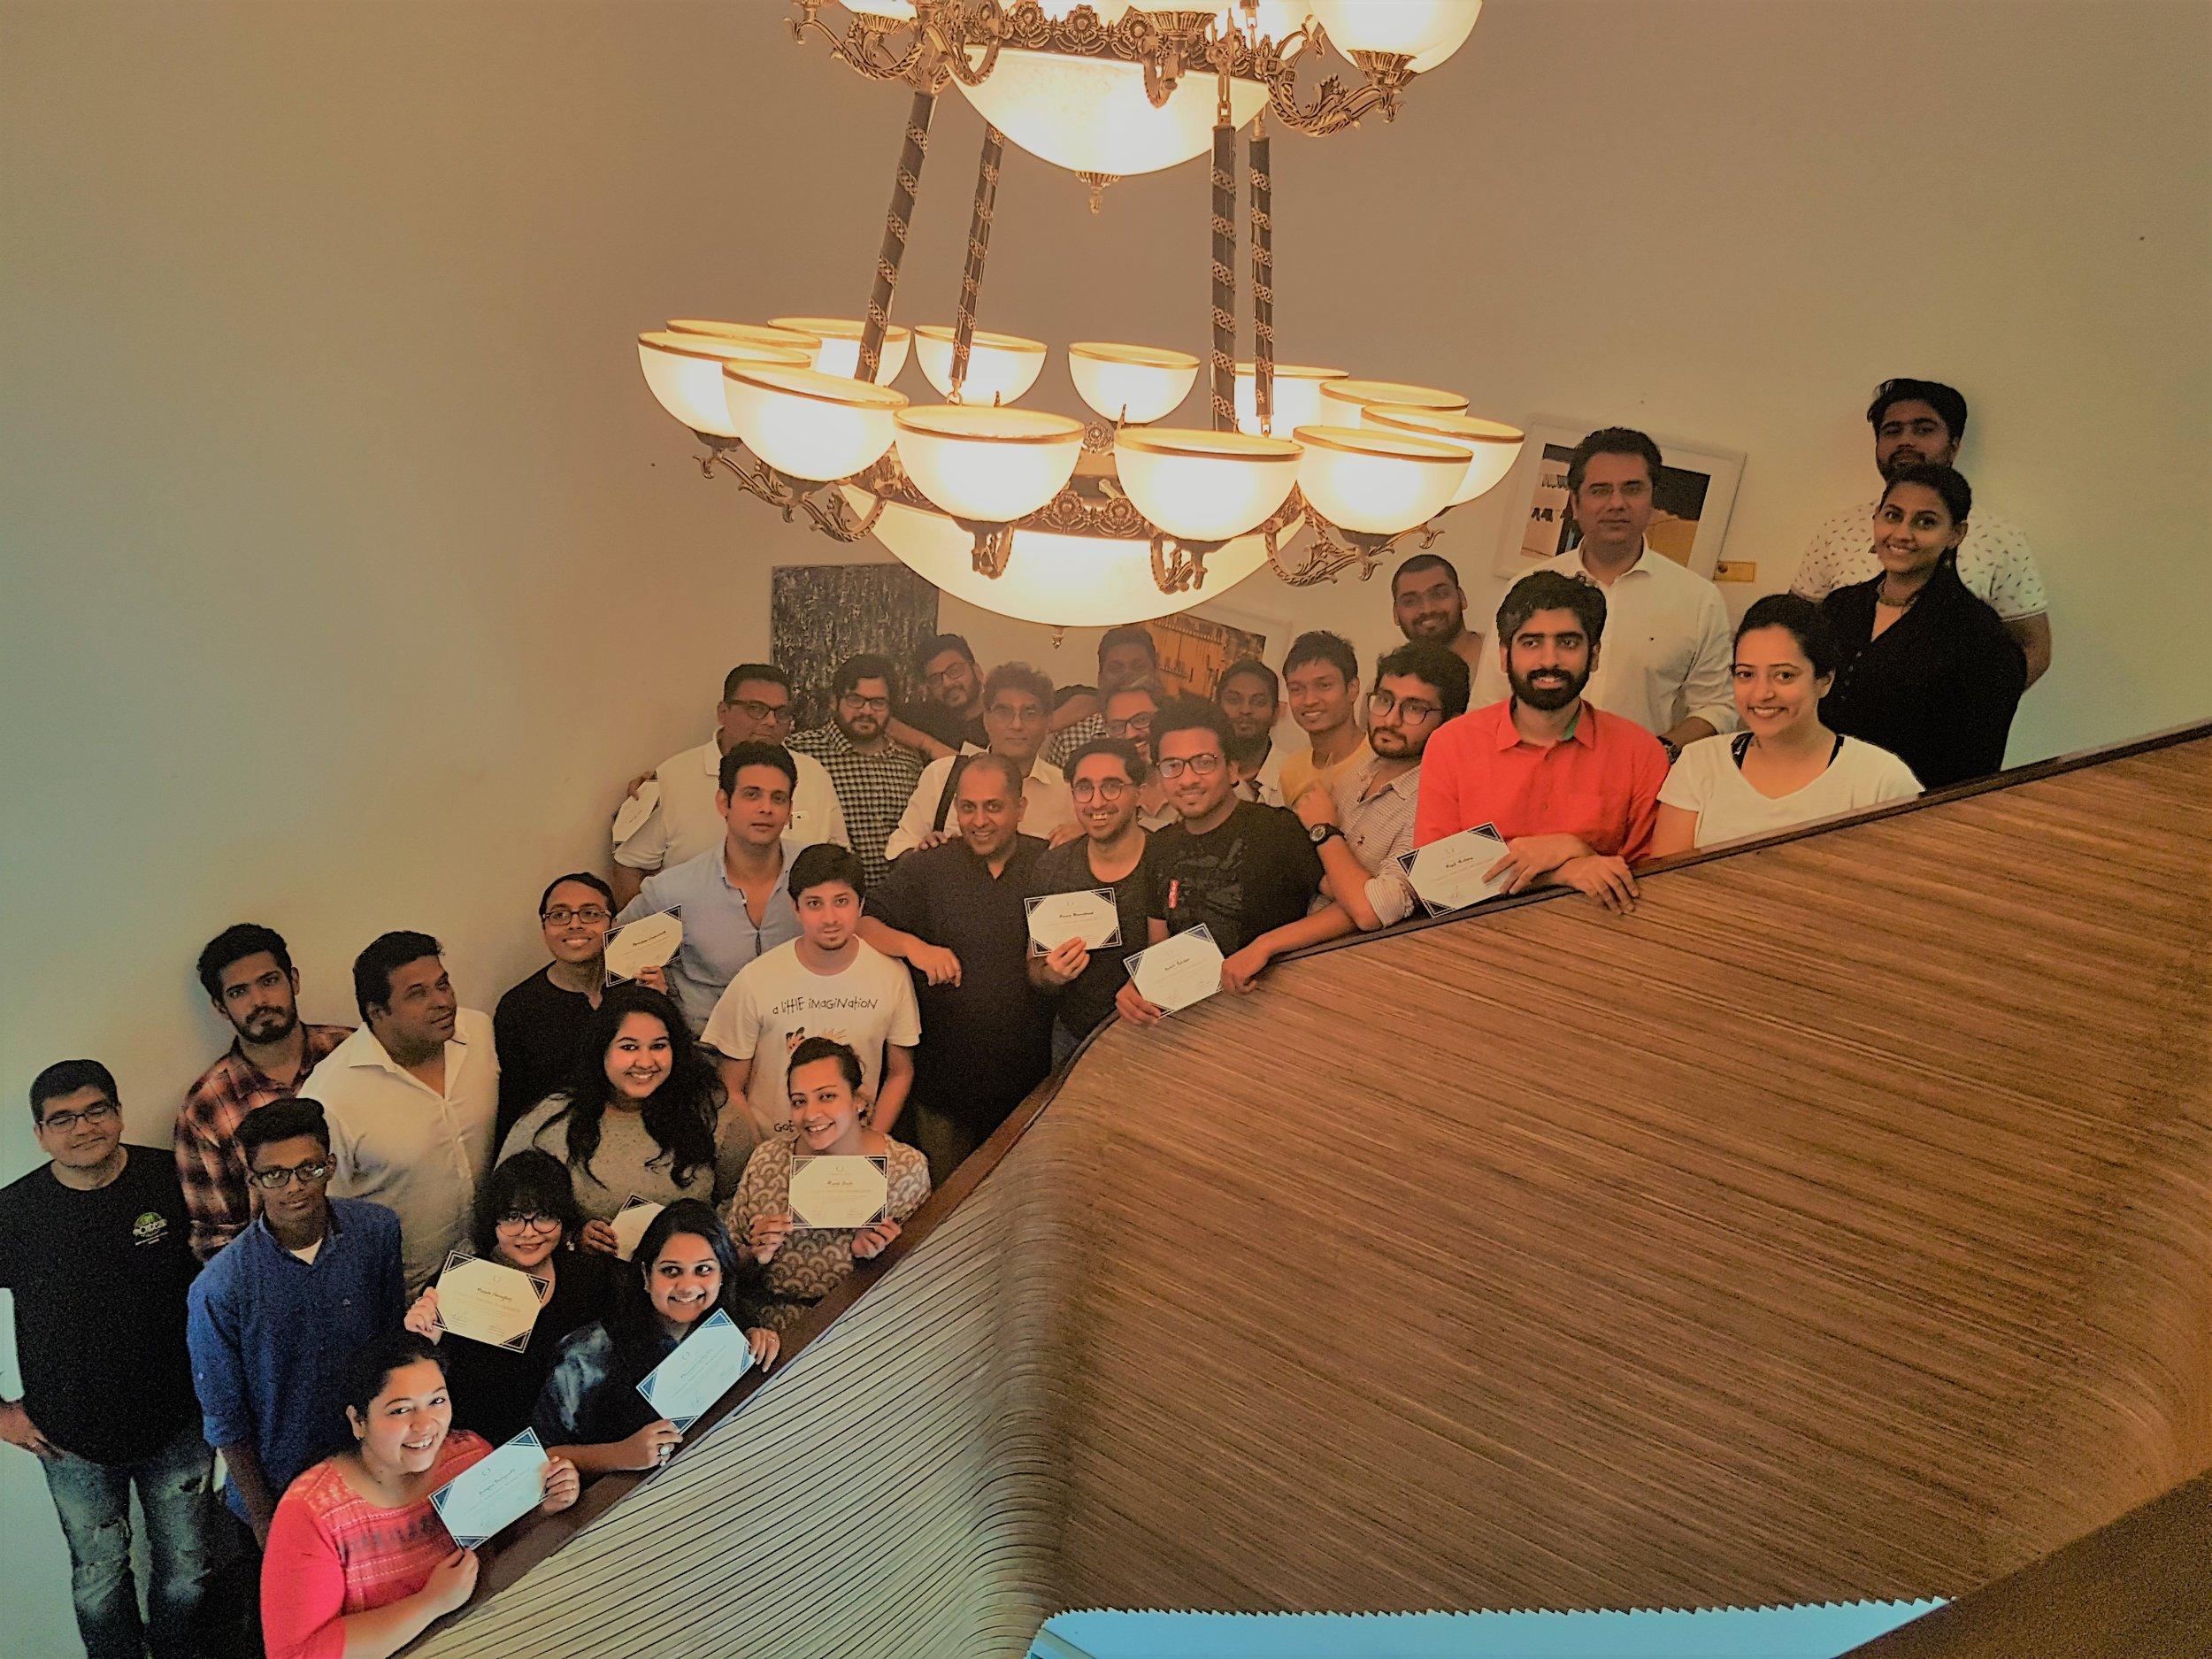 Anuvab Pal Workshop Group Photo.jpg